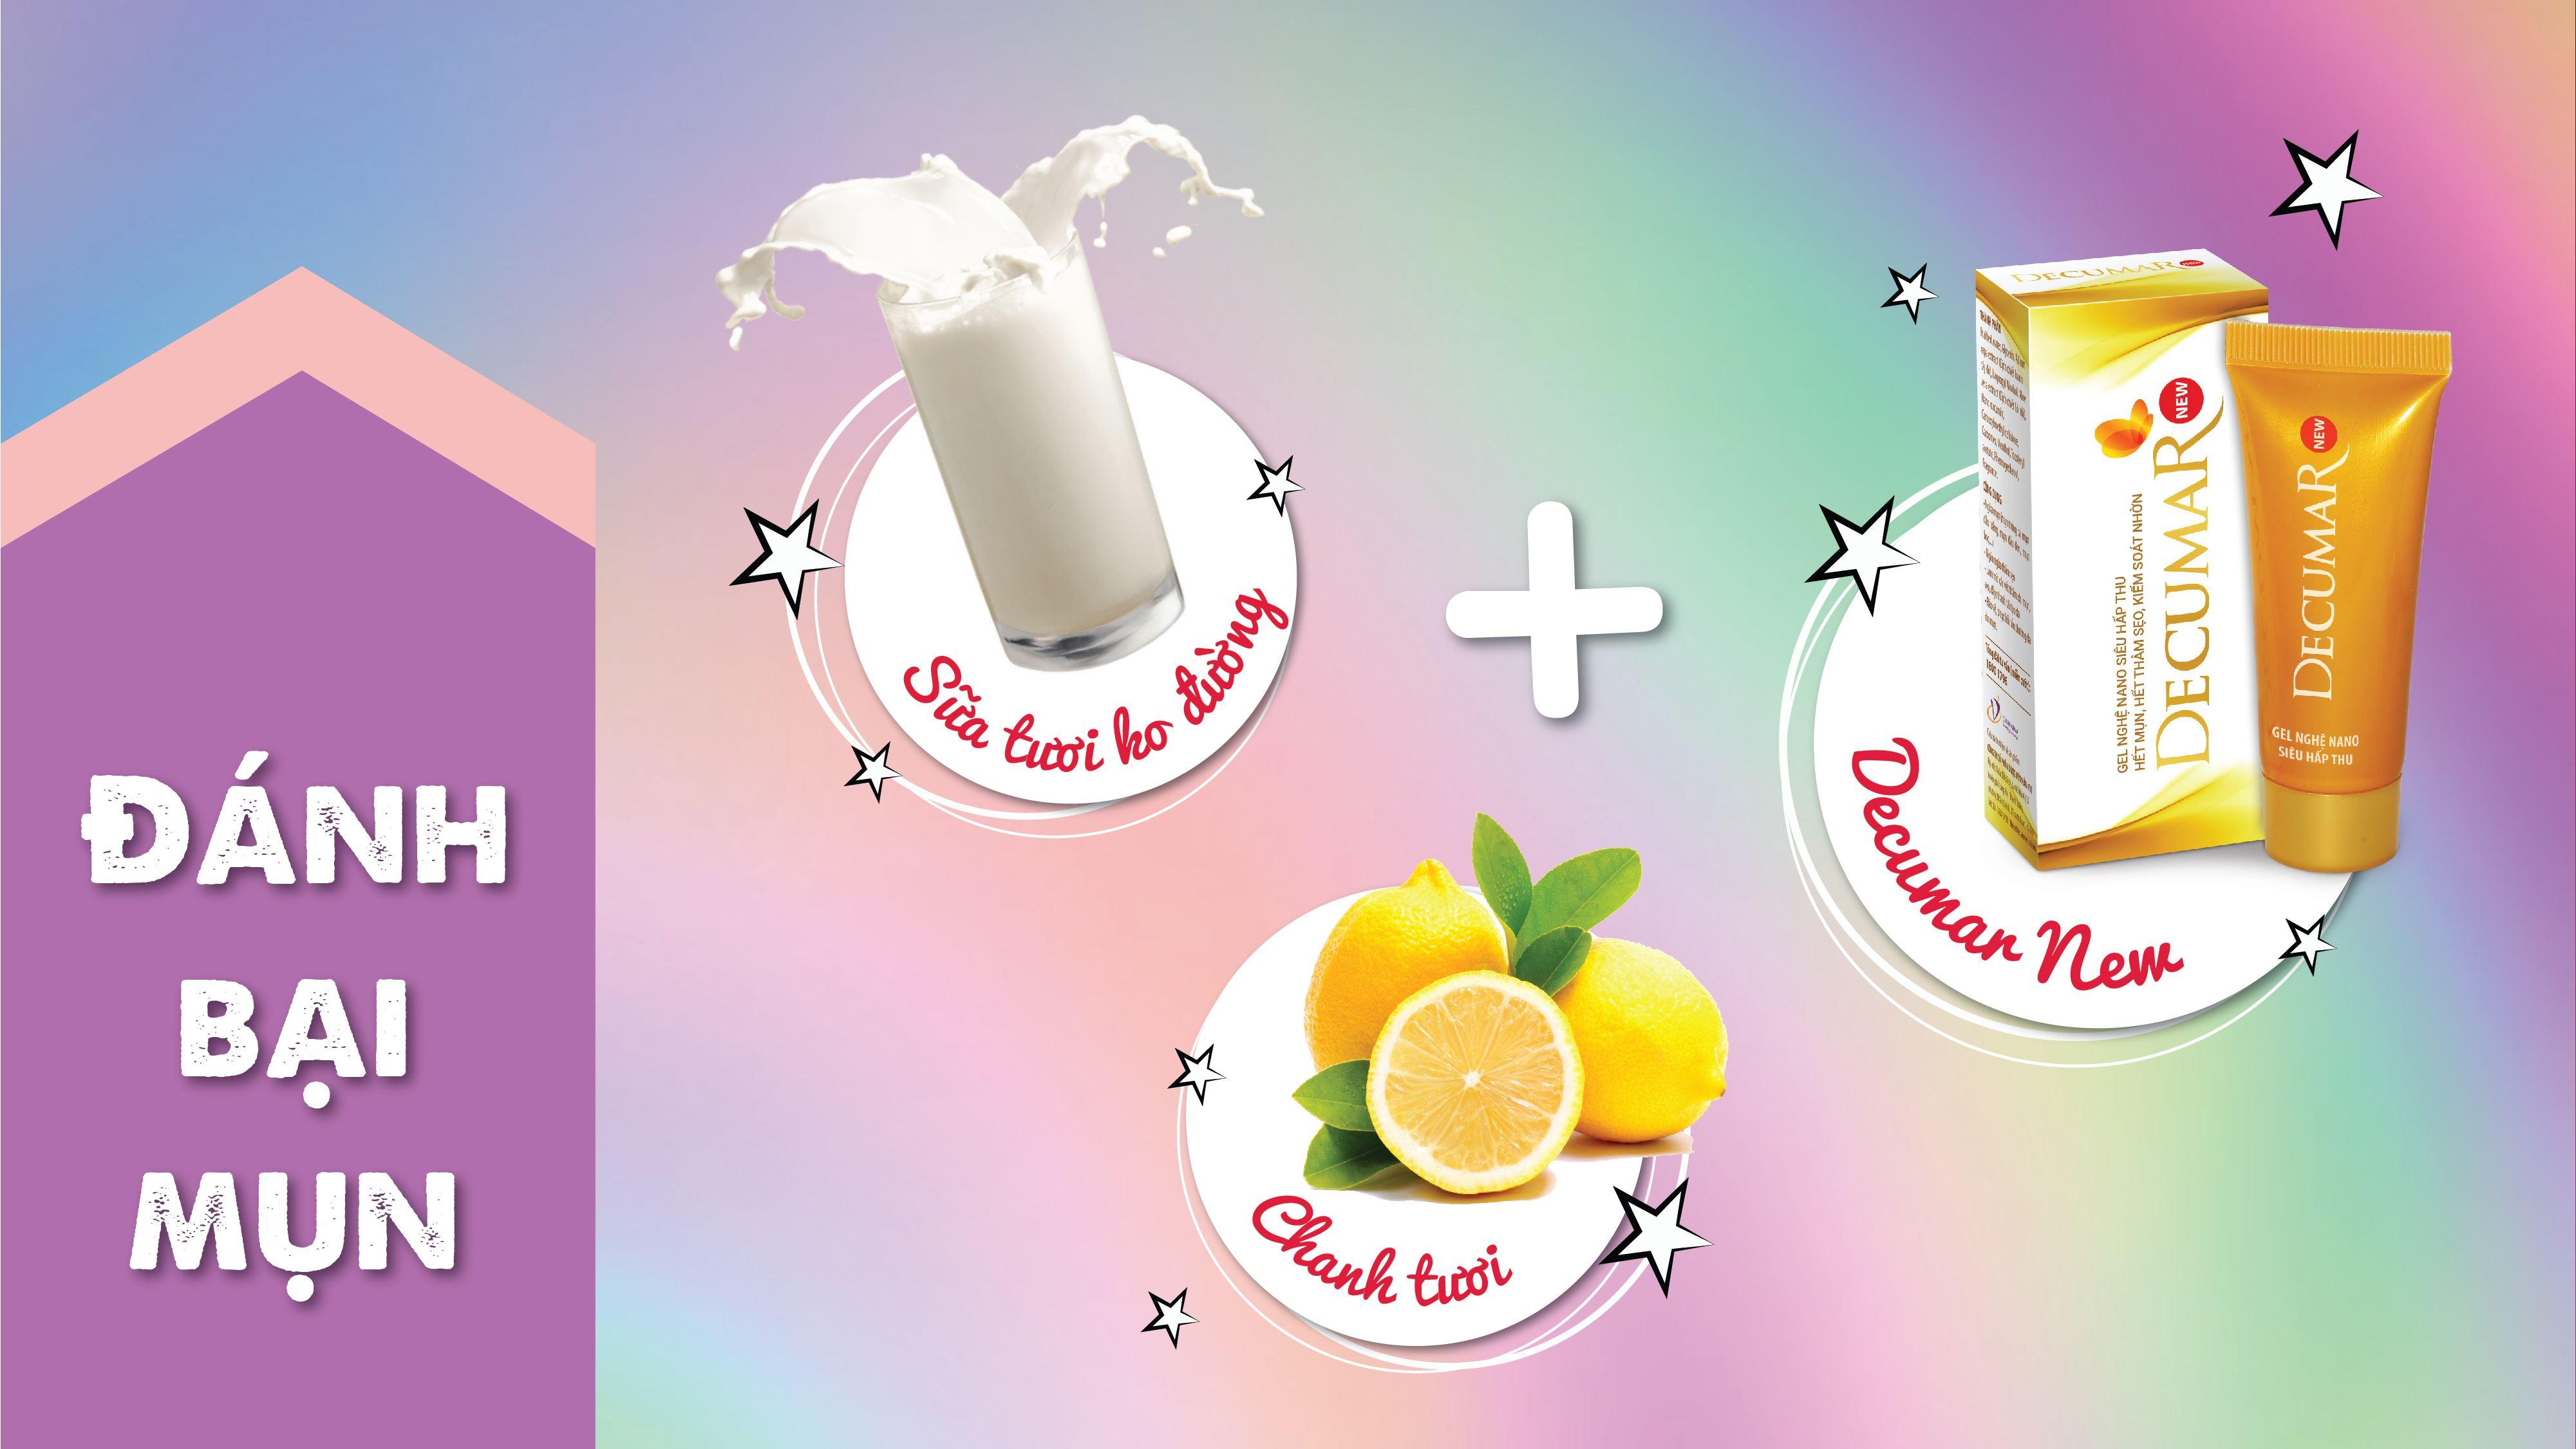 Mặt nạ Decumar New với sữa tươi và chanh